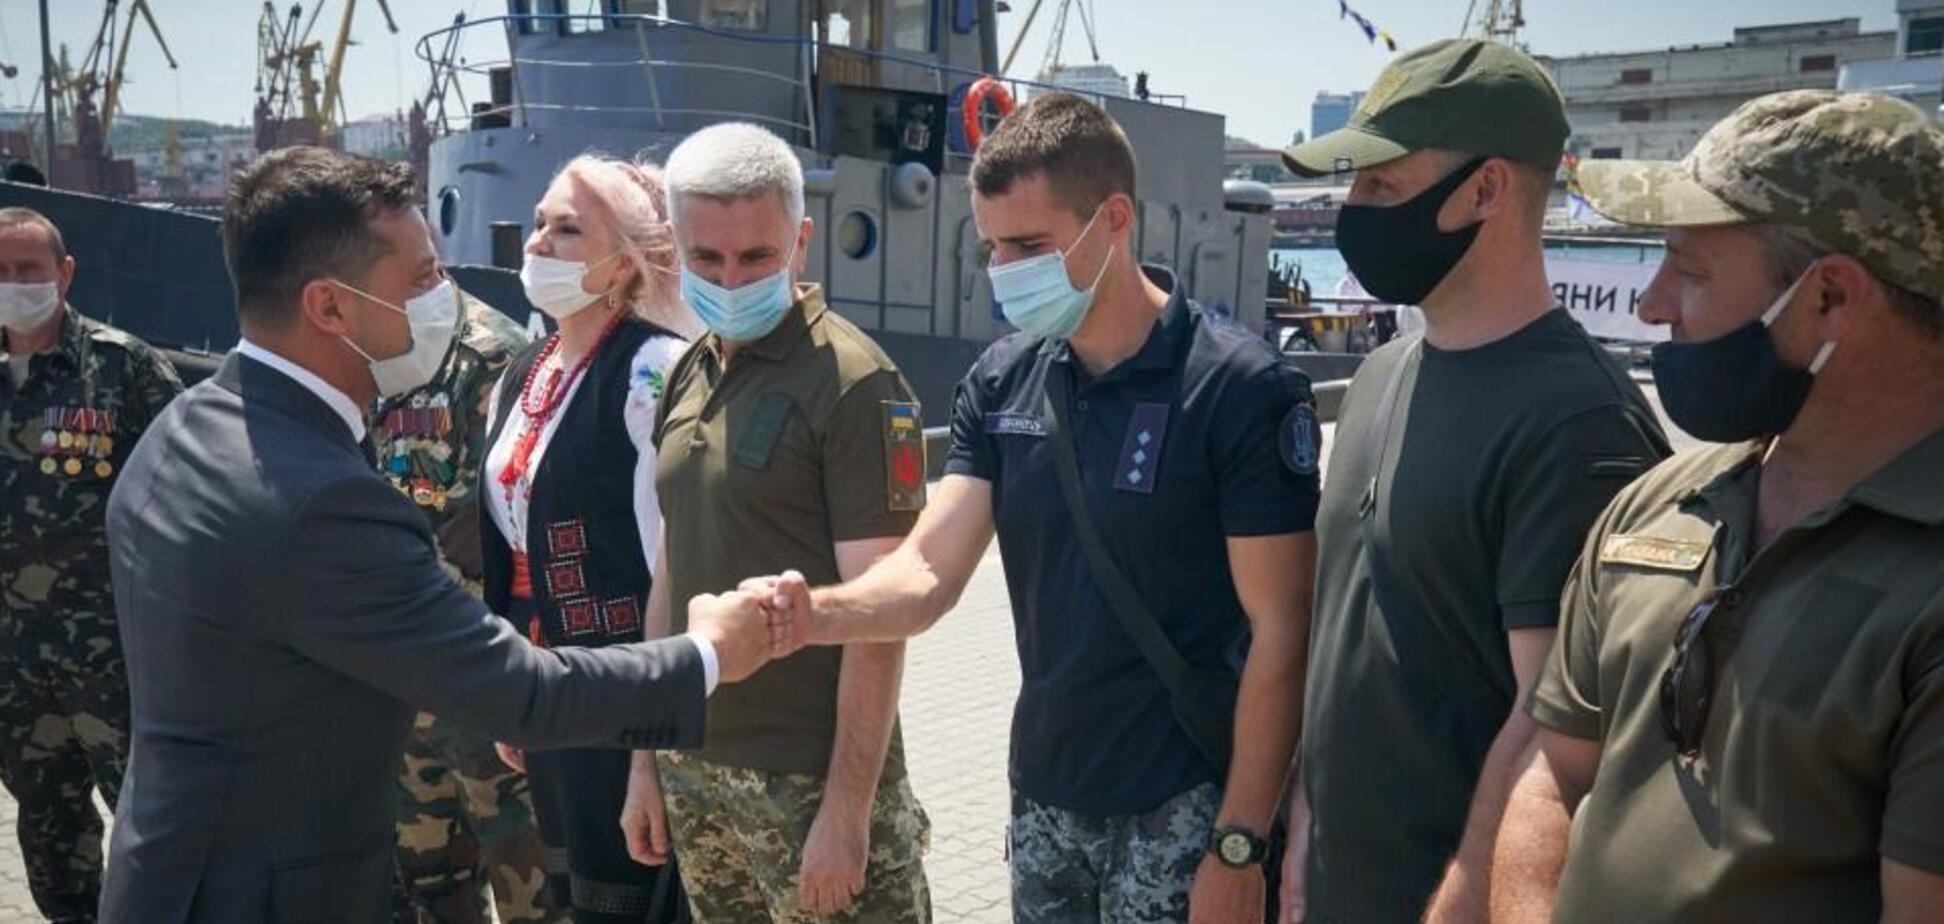 Зеленский в Одессе пообещал решить проблемы ветеранов (фото: пресс служба президента Украины)